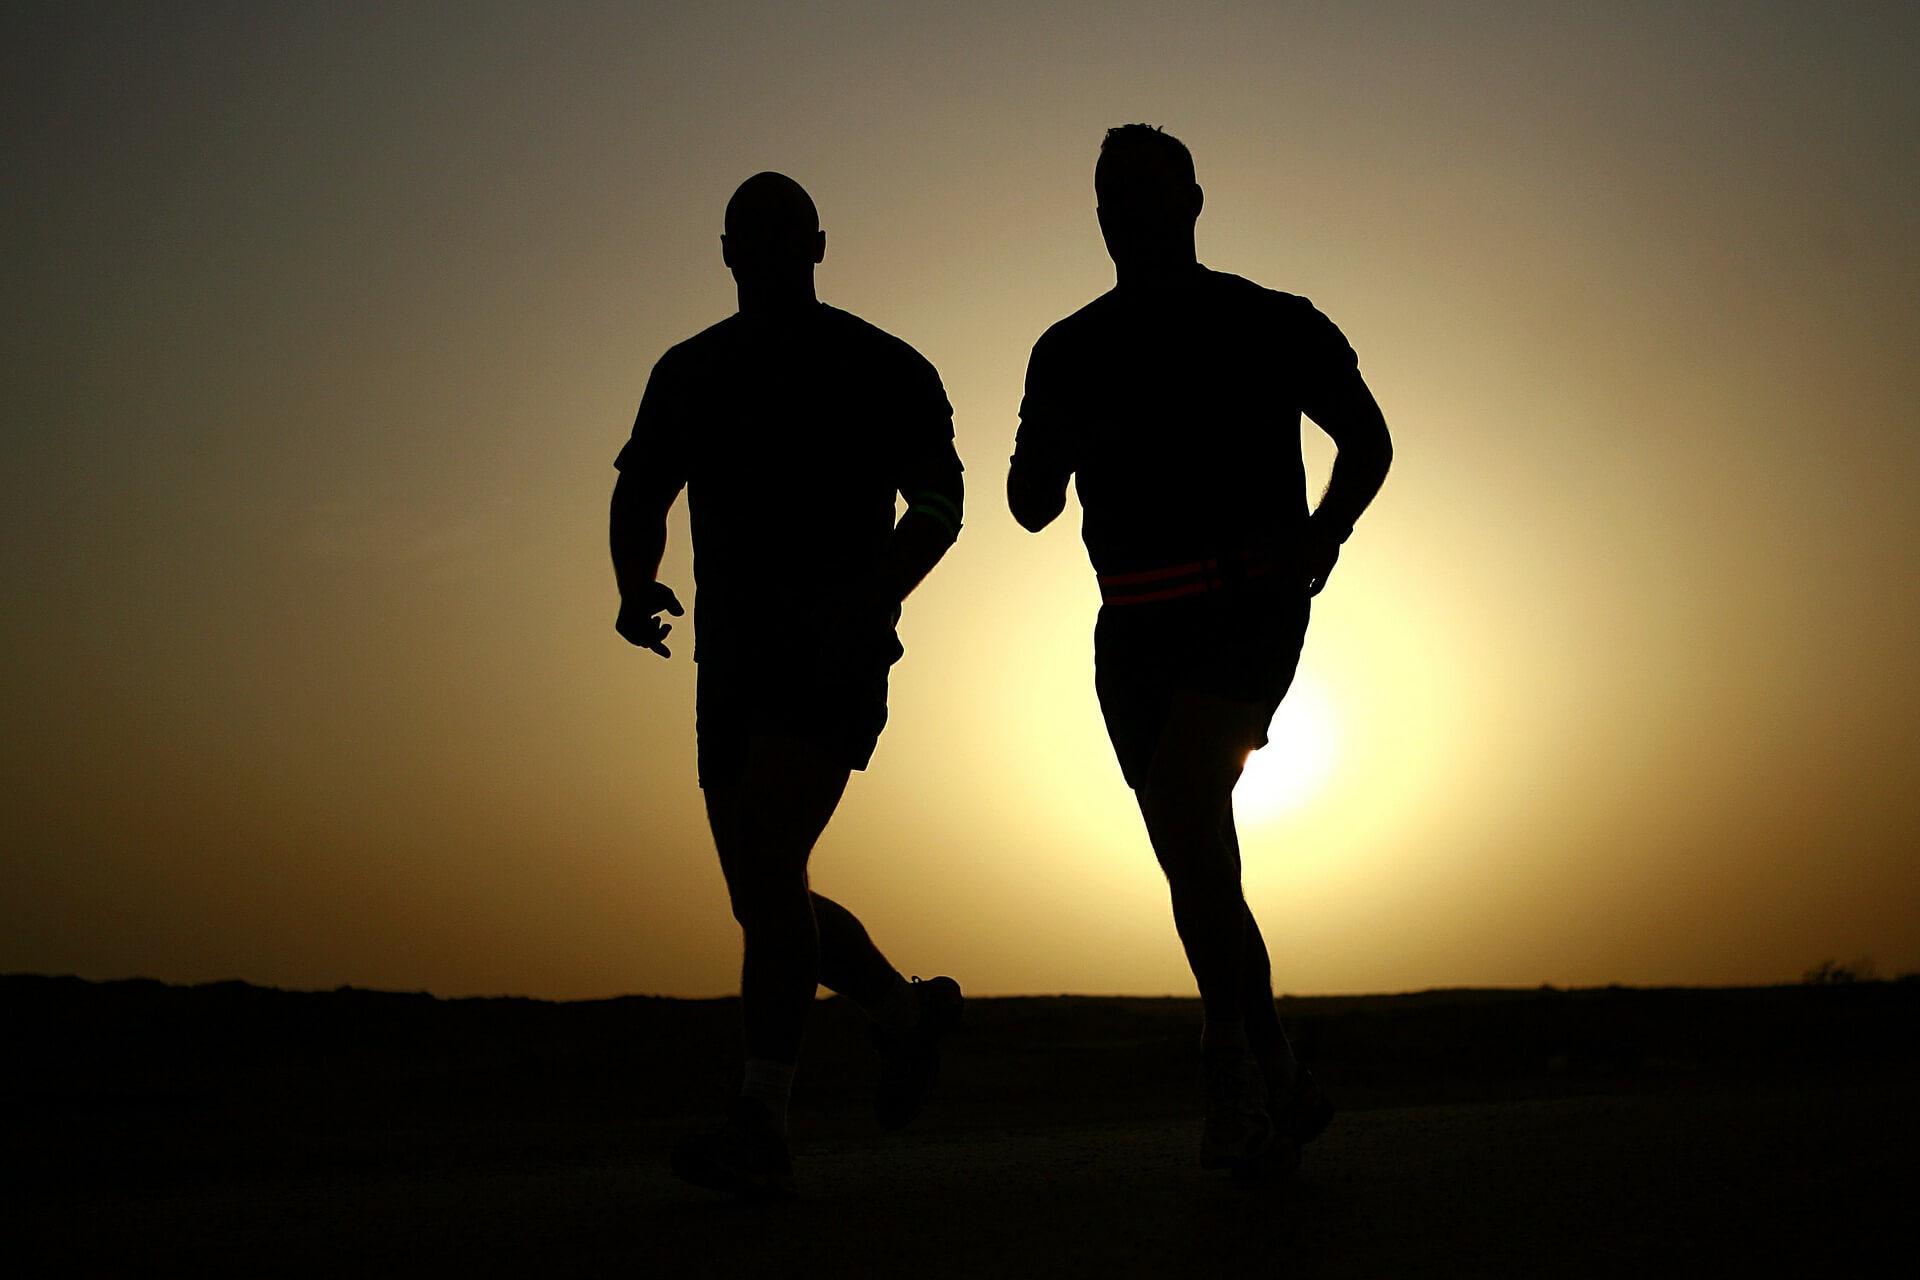 jeûne et vieillissement long long life transhumanisme longévité vieillissement5